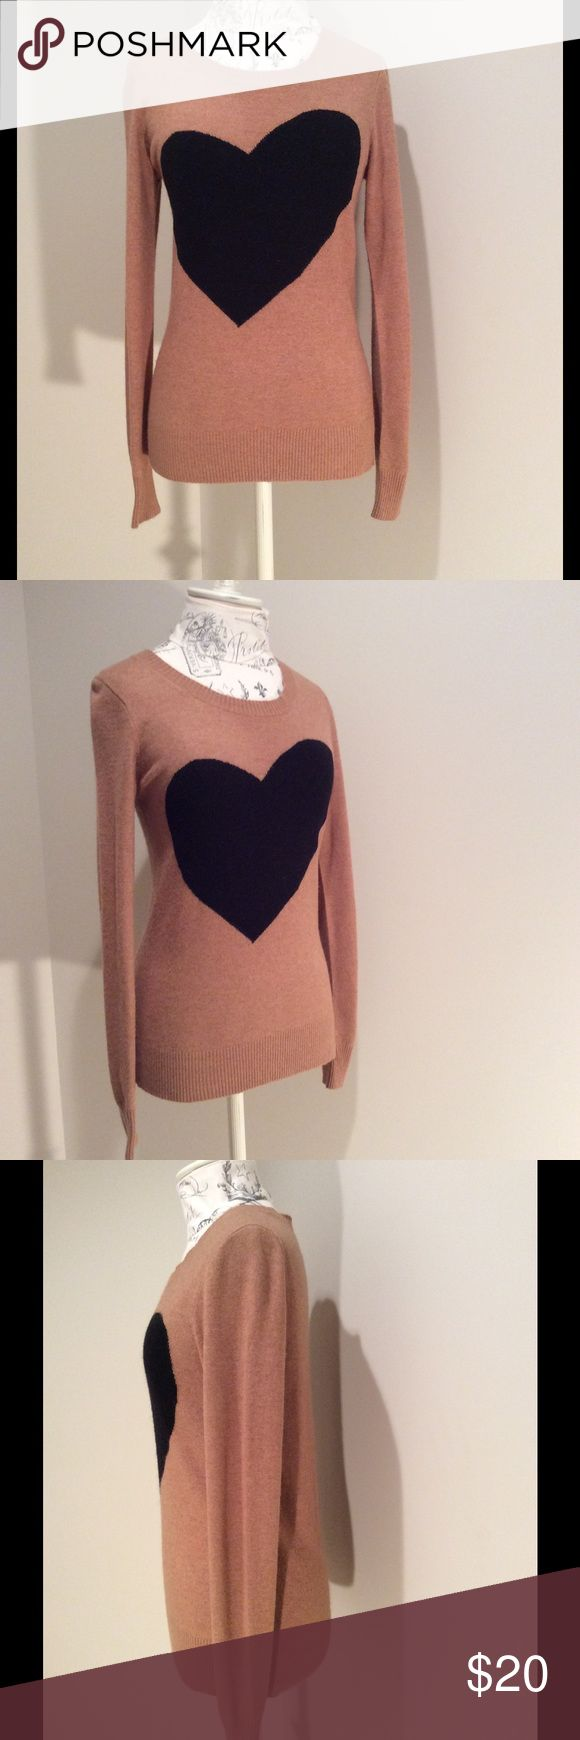 J Crew Factory Heart Sweater Beige sweater with black heart J. Crew Factory Sweaters Crew & Scoop Necks